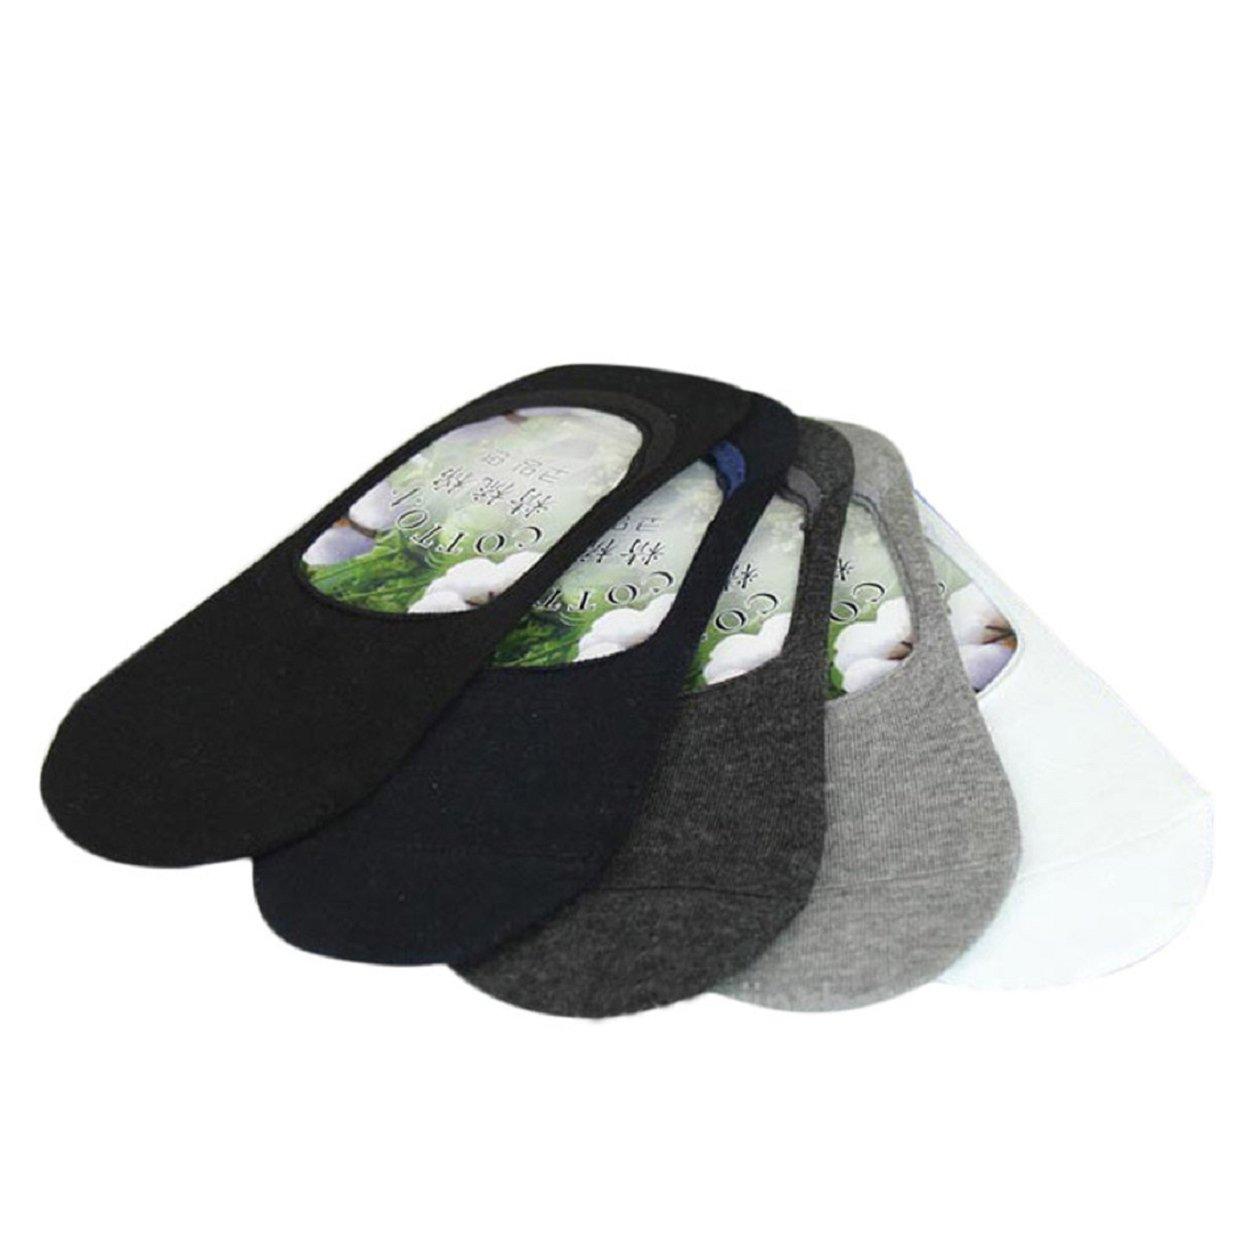 Malloom® 5 pares Hombres Enfriar Fibra de bambu Barco invisible No Show antideslizante calcetín del tobillo product image